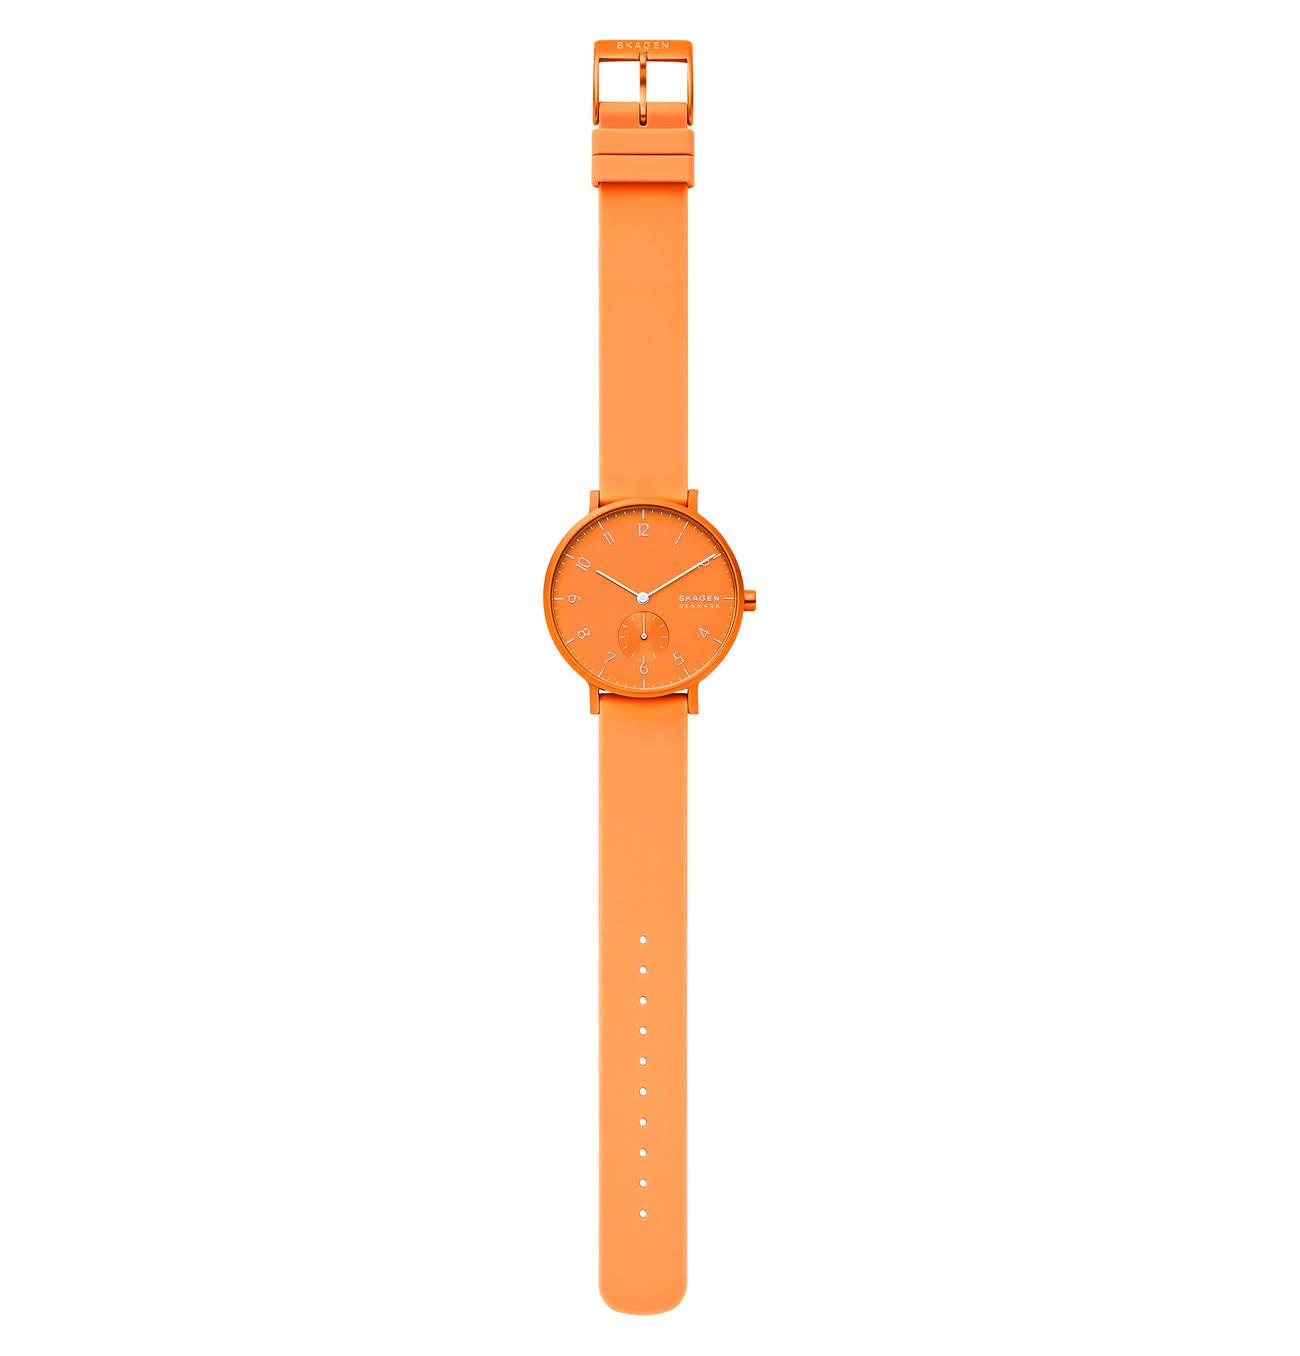 zegarek Skagen SKW2821 pomarańczowy Aaren